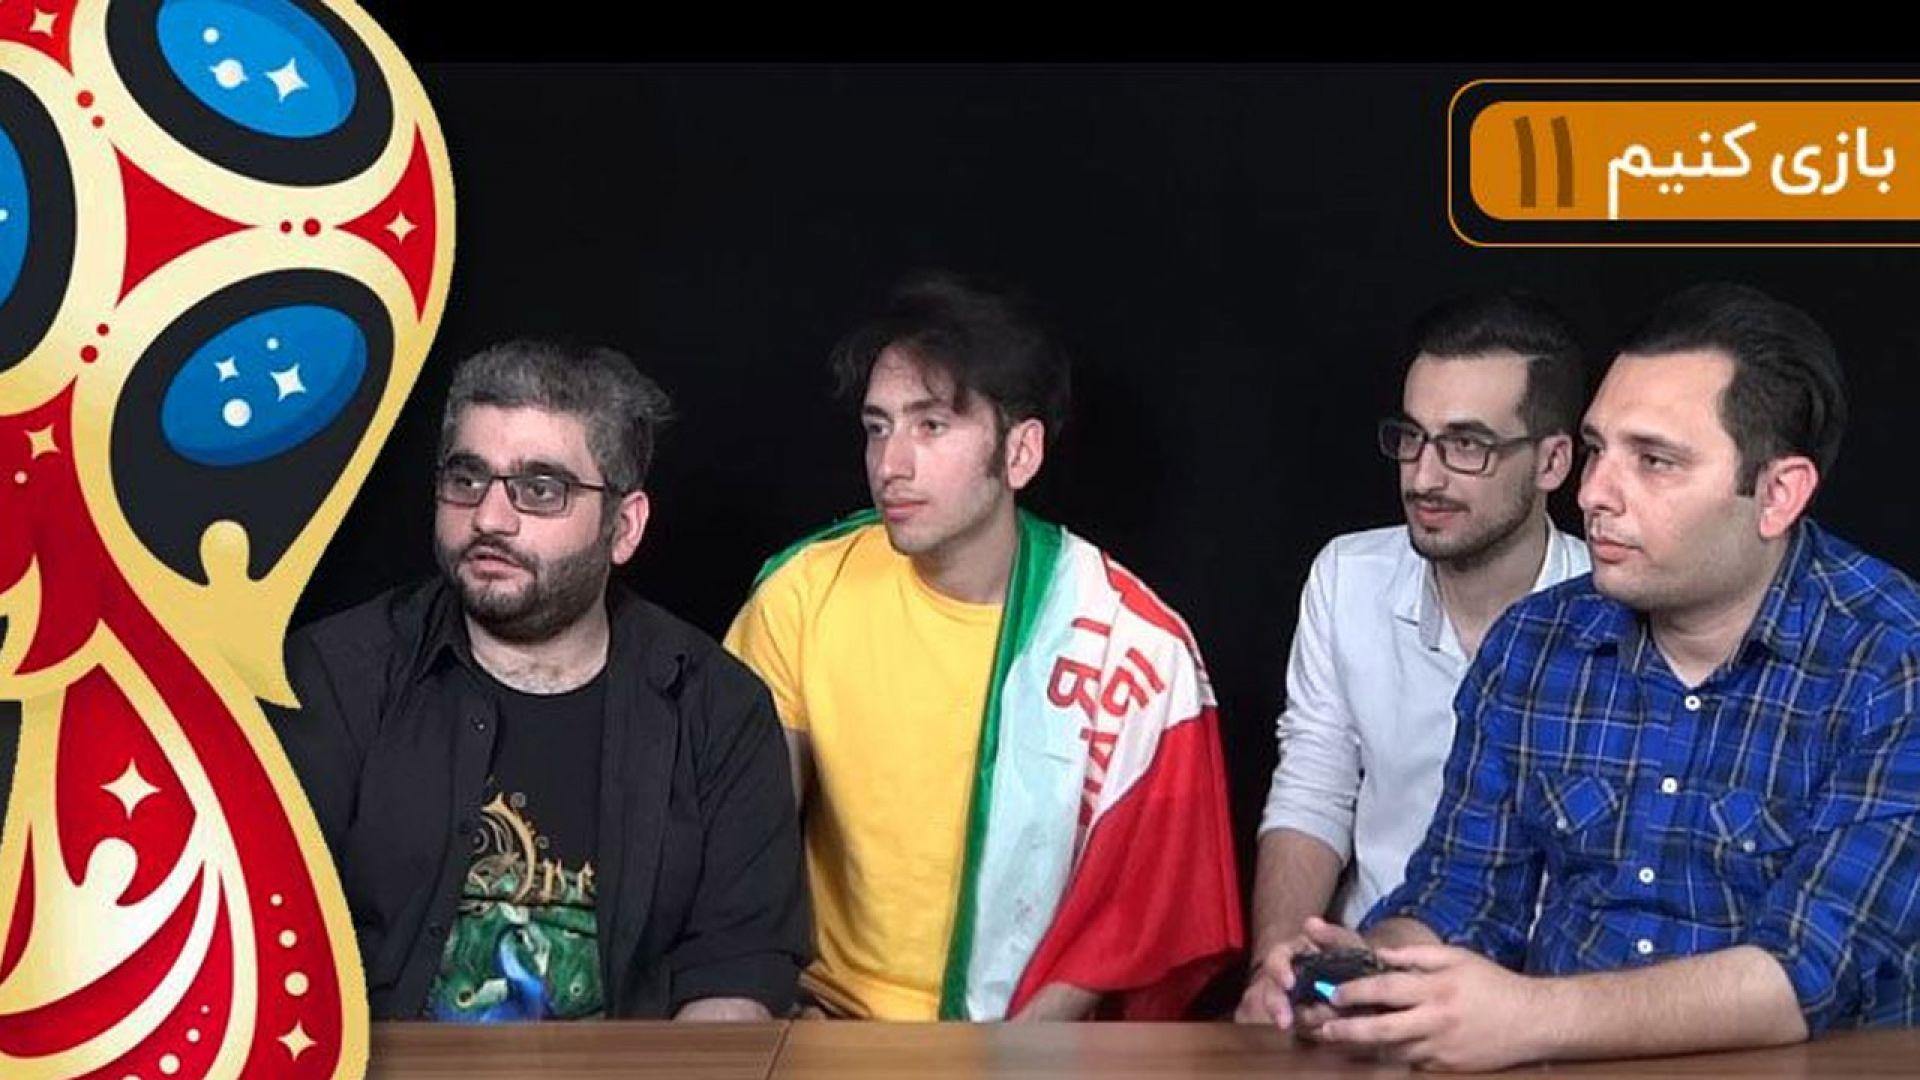 بازی کنیم - پیش بینی بازی ایران و اسپانیا در FIFA 18